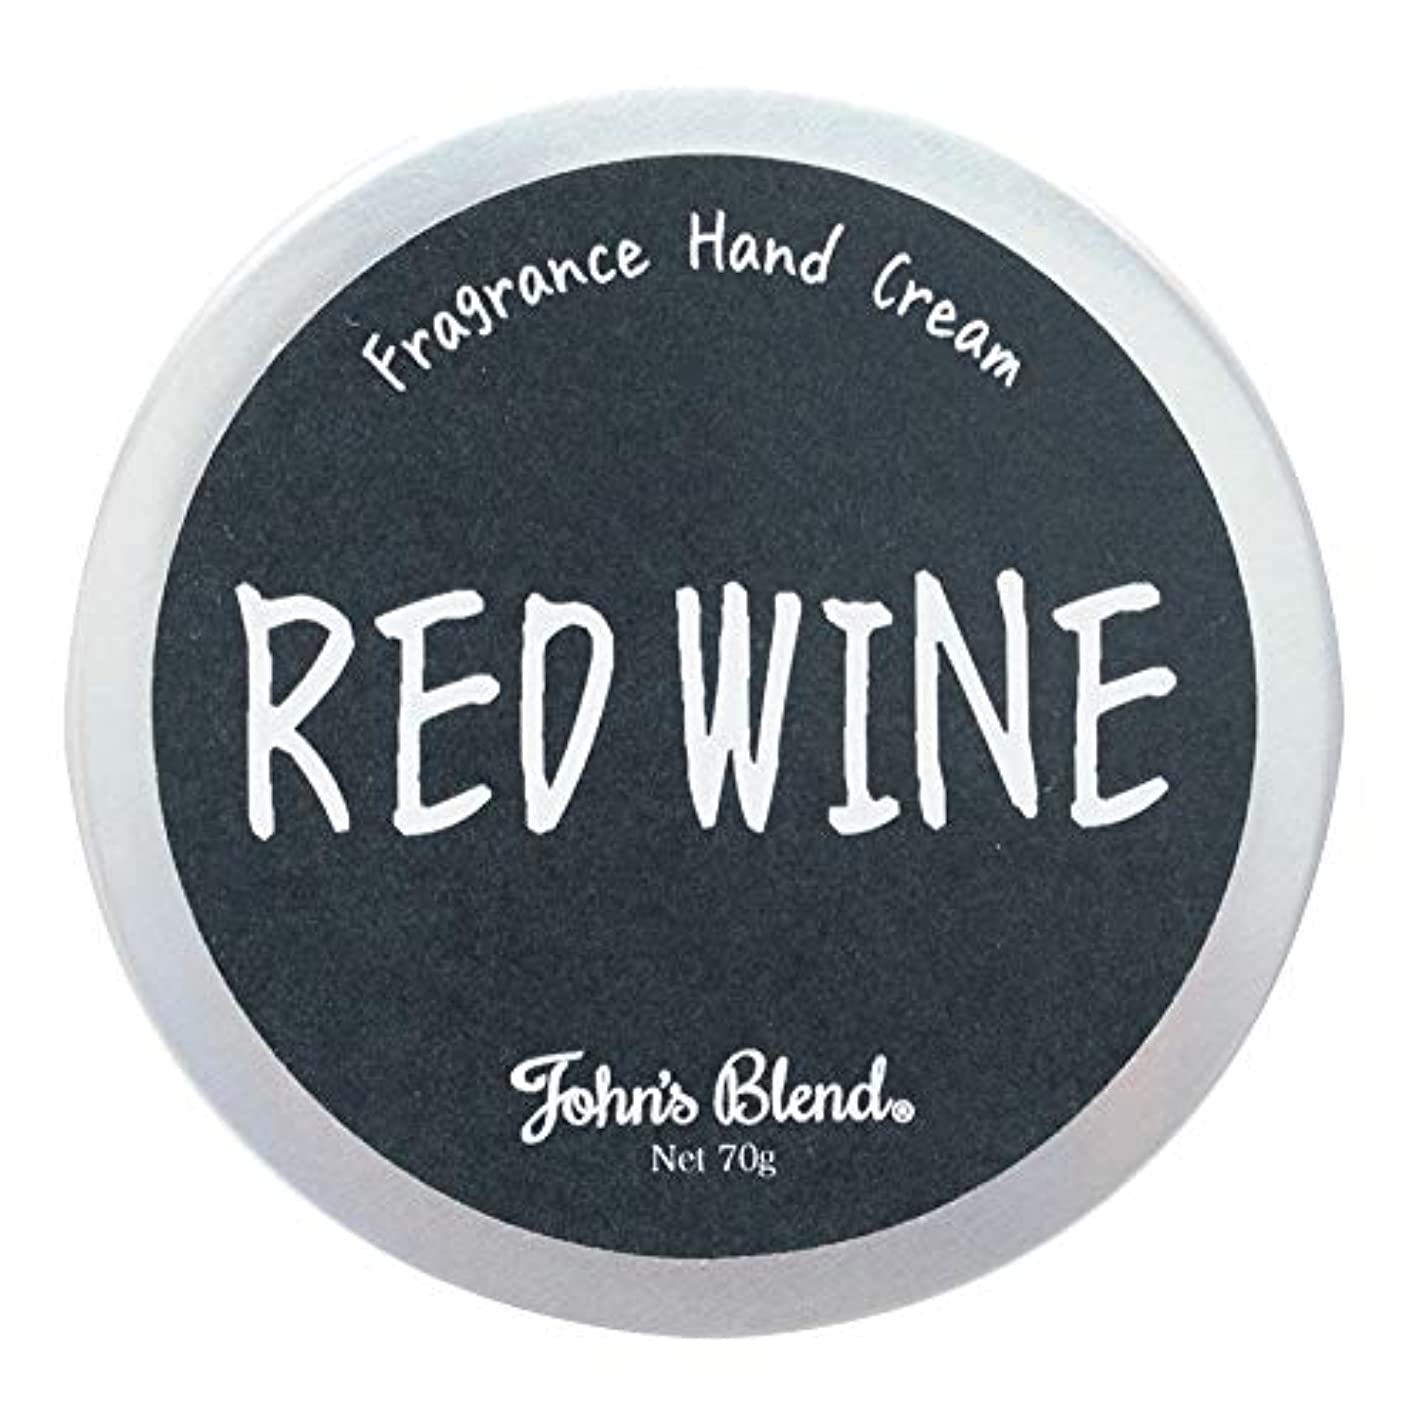 シャーロットブロンテ歴史家理論ノルコーポレーション John's Blend ハンドクリーム 保湿成分配合 OZ-JOD-1-3 レッドワインの香り 70g